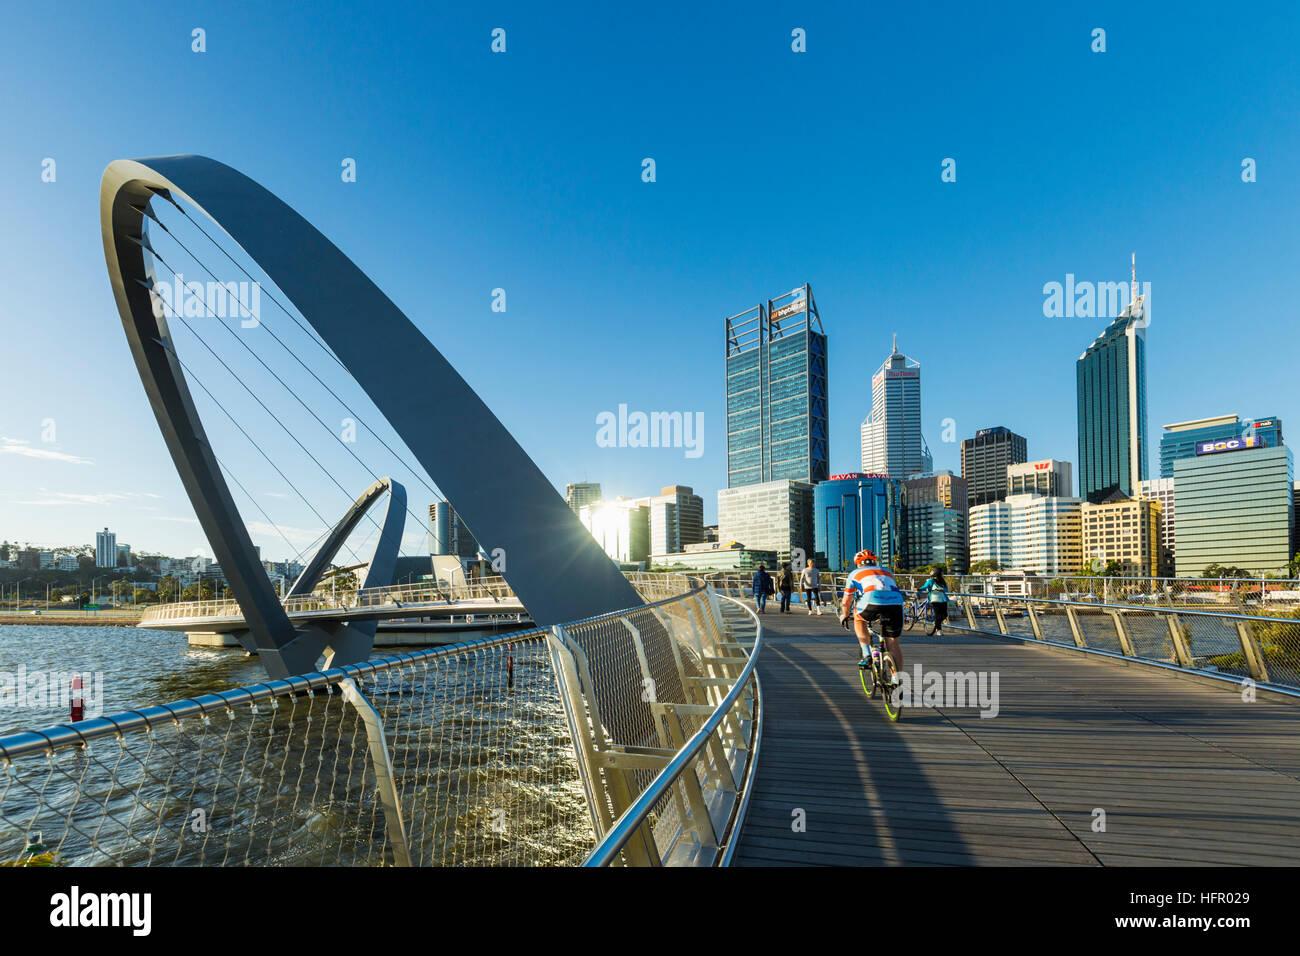 Le passage des cyclistes Elizabeth Quay passerelle pour piétons avec l'horizon de la ville au-delà, Perth, Western Australia, Australia Banque D'Images